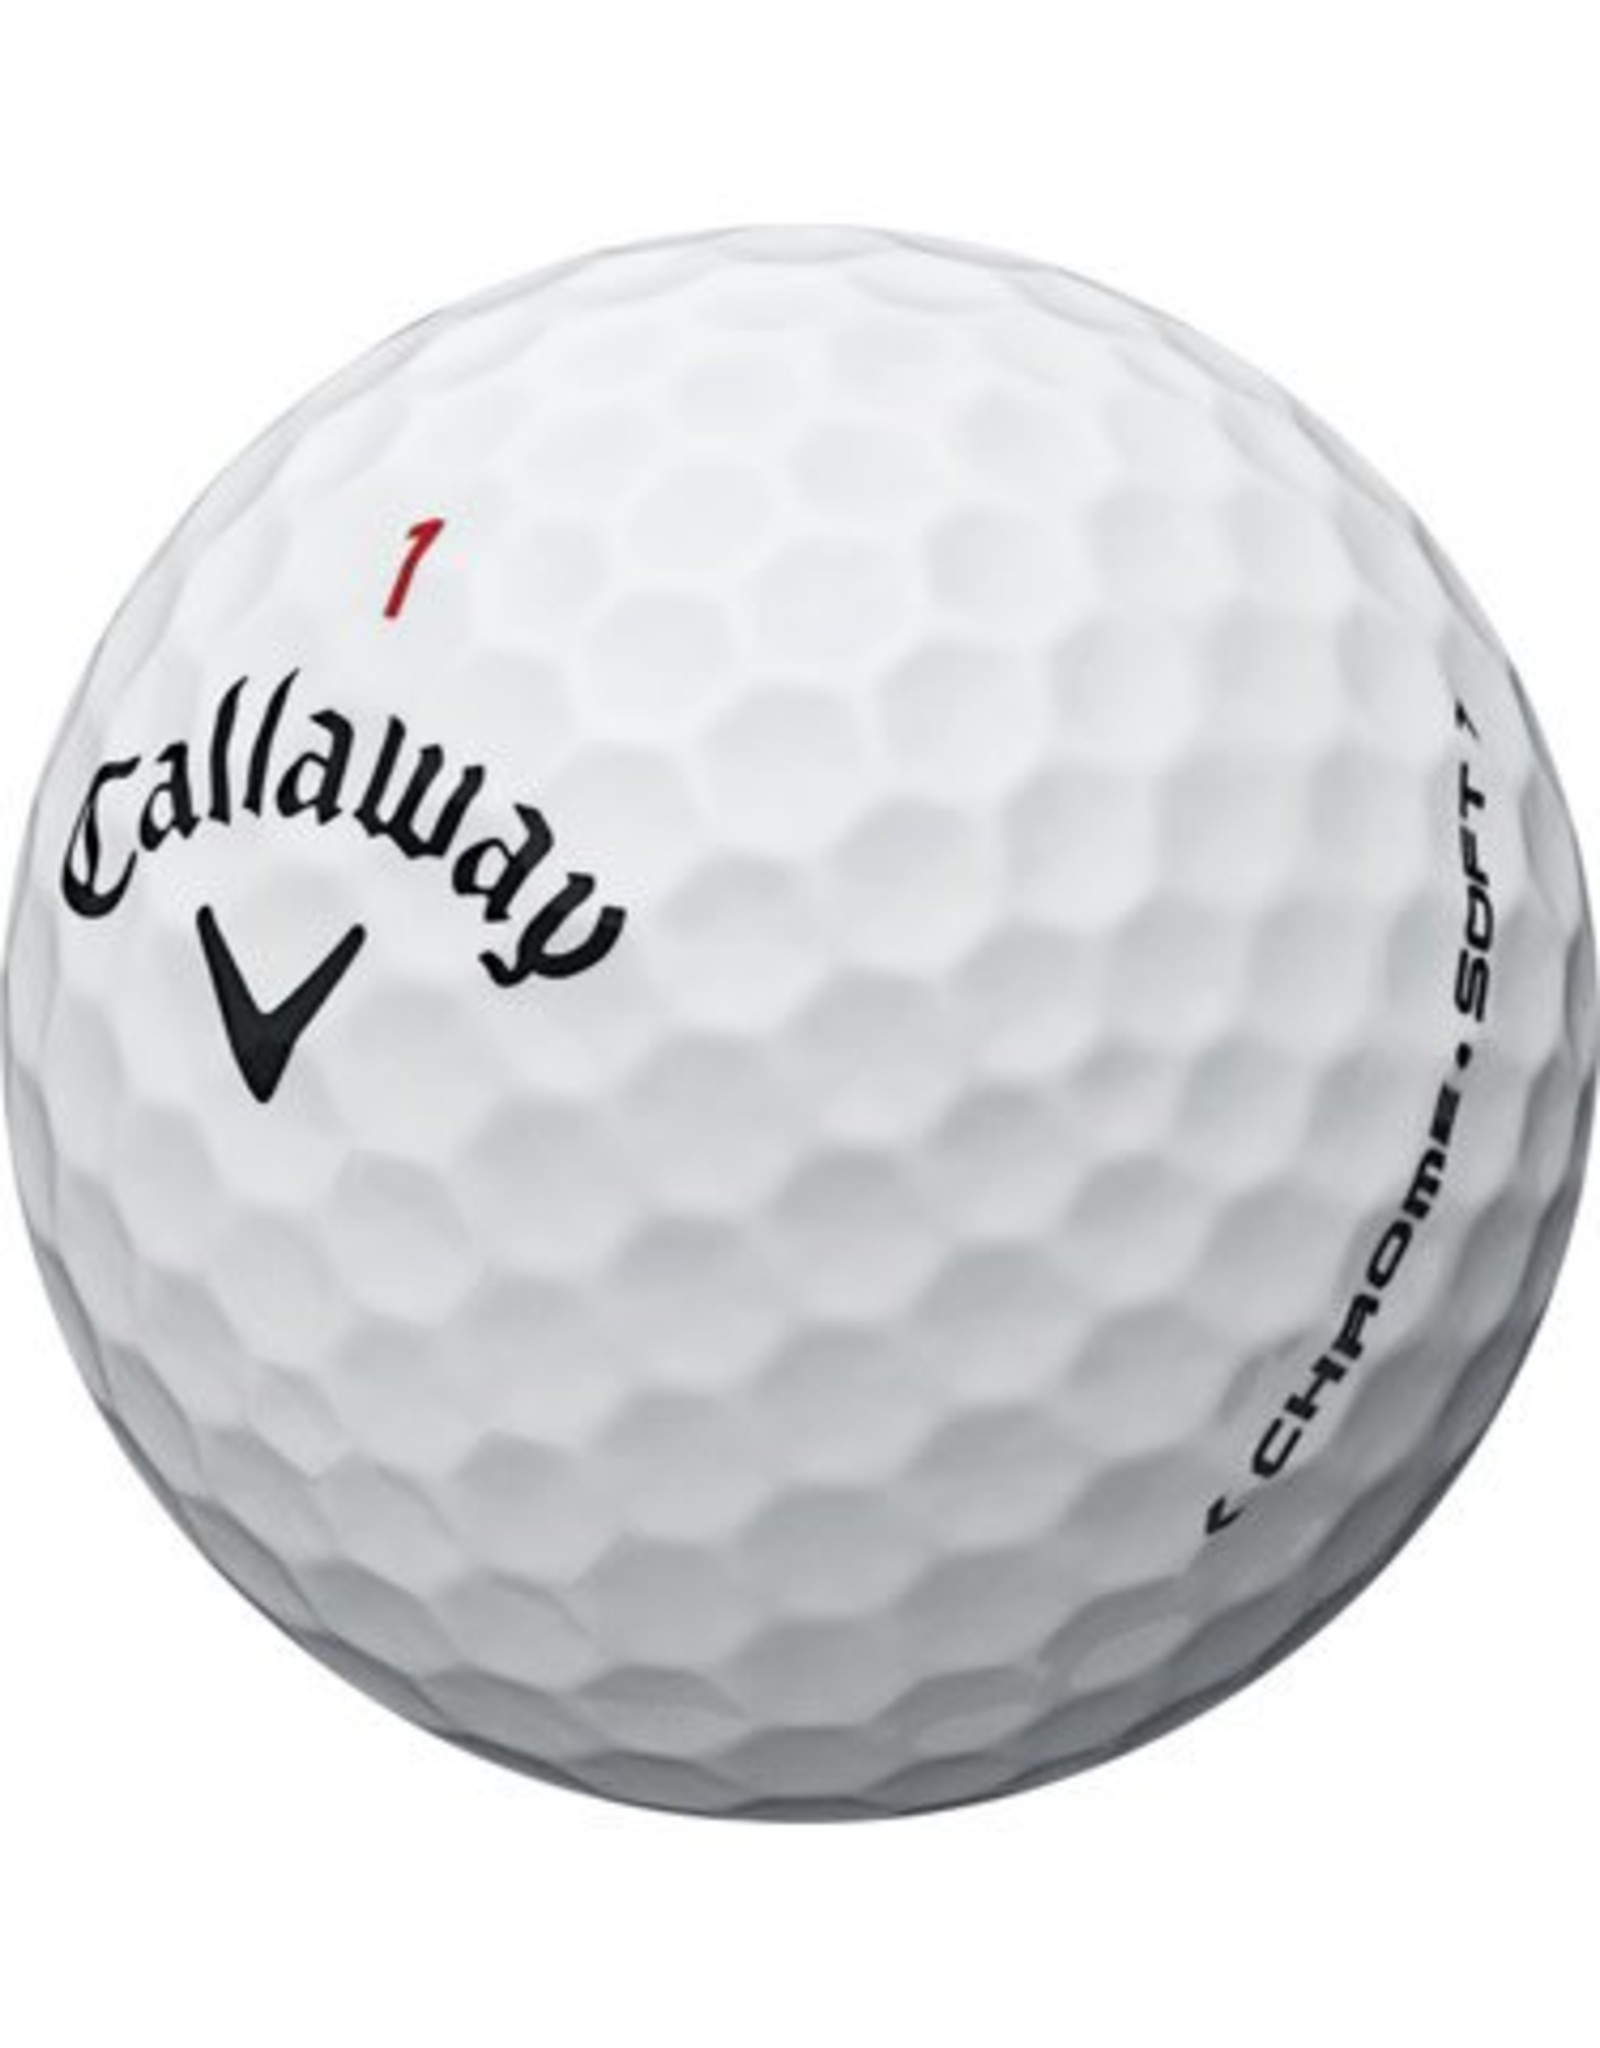 Callaway Callaway Balls Chrome Soft Dozen